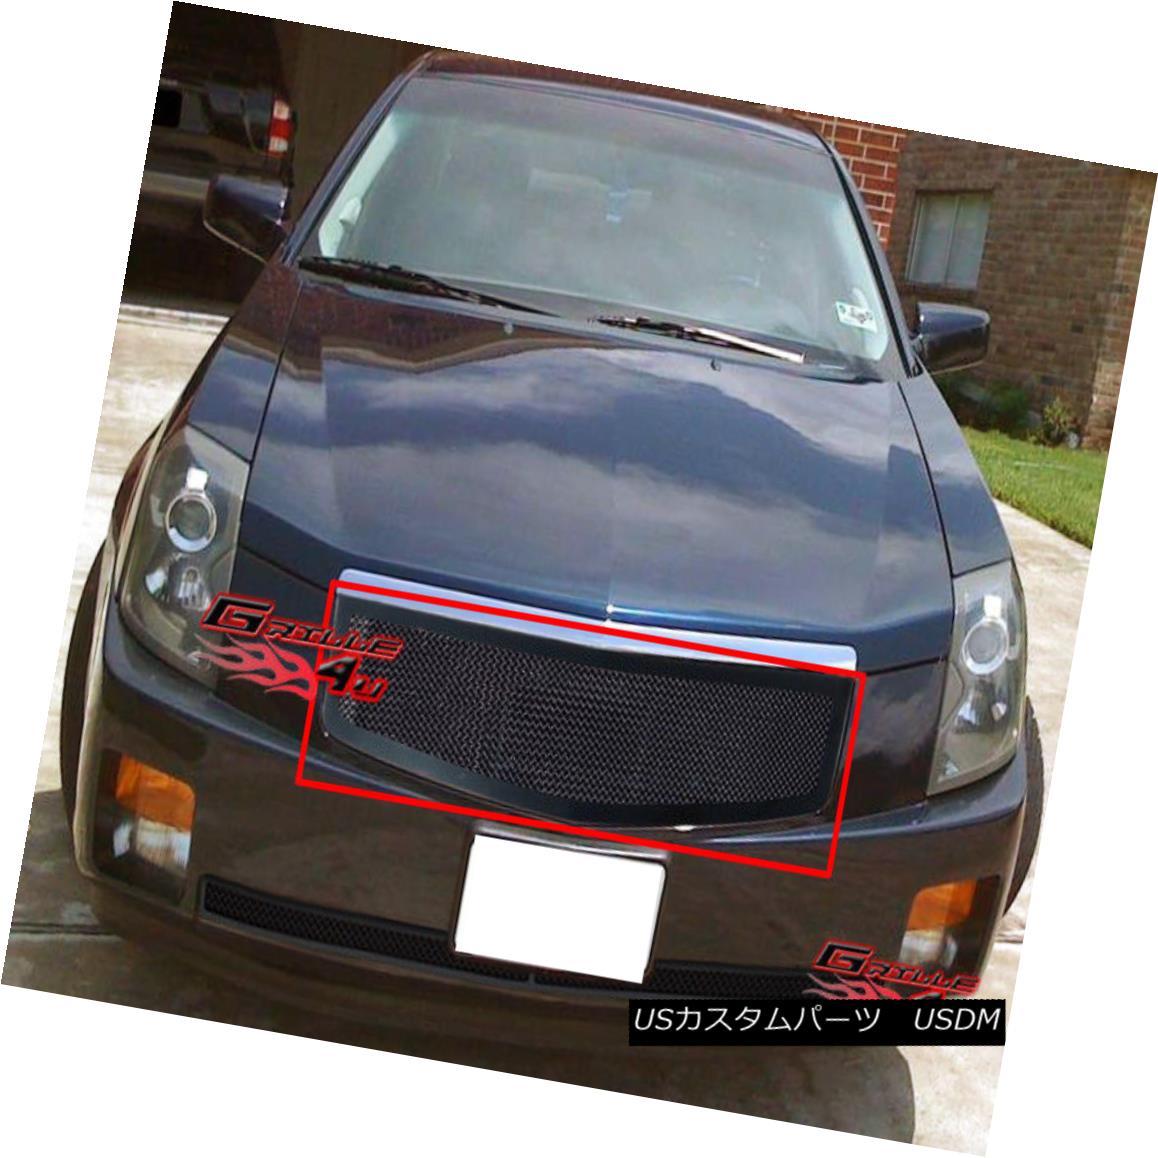 グリル For 03-07 Cadillac CTS Black Mesh Grille Insert 03-07キャデラックCTSブラックメッシュグリルインサート